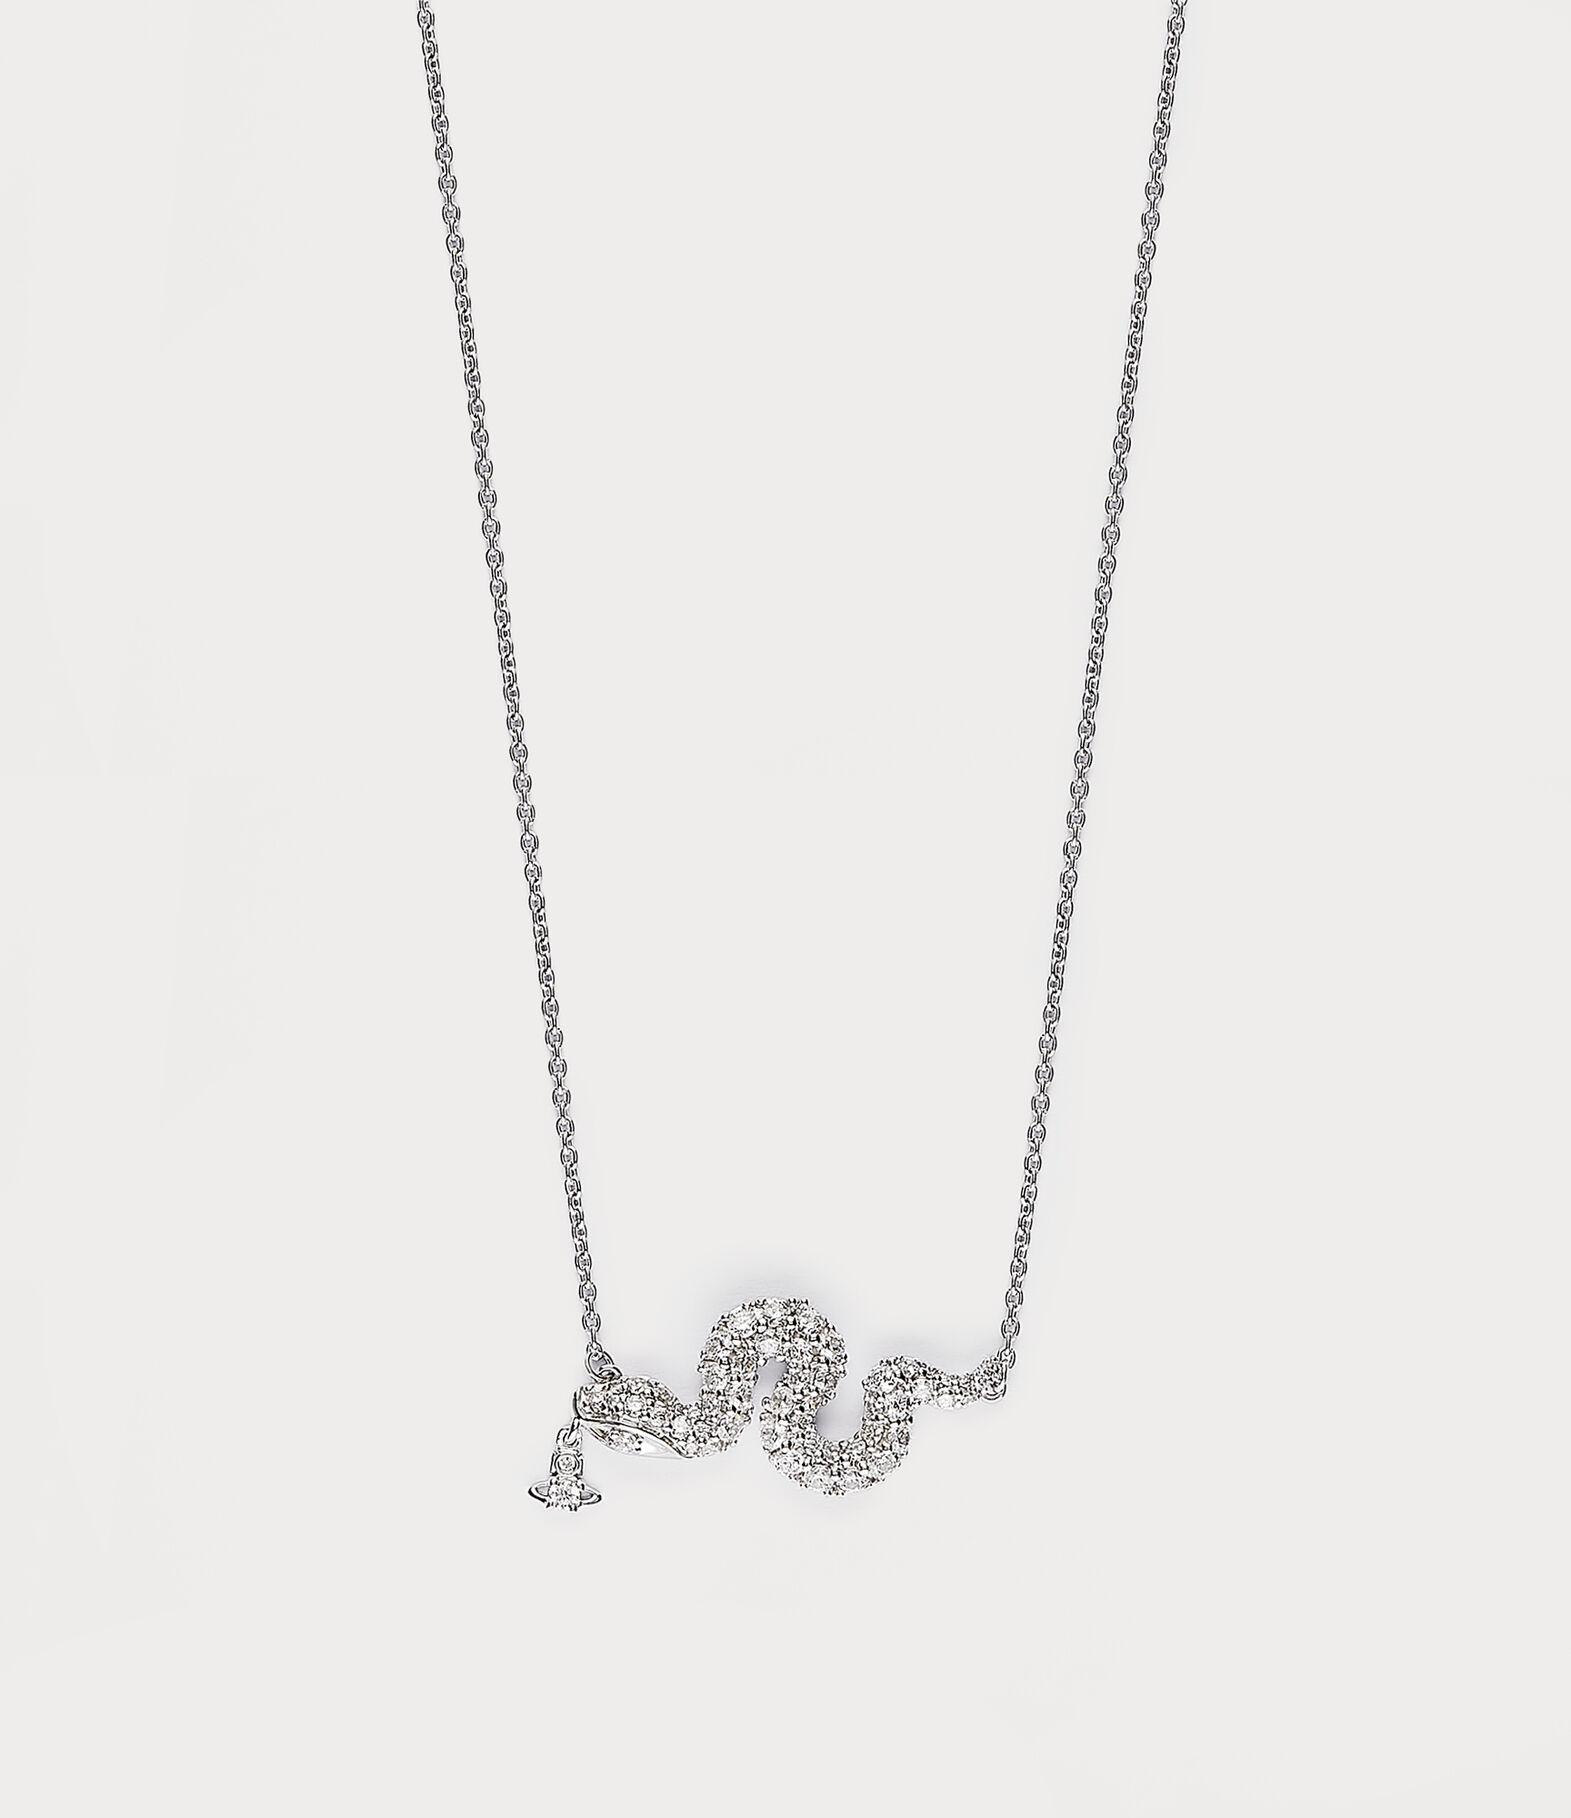 Vivienne Westwood Women's Necklaces | Vivienne Westwood - Elysia Necklace